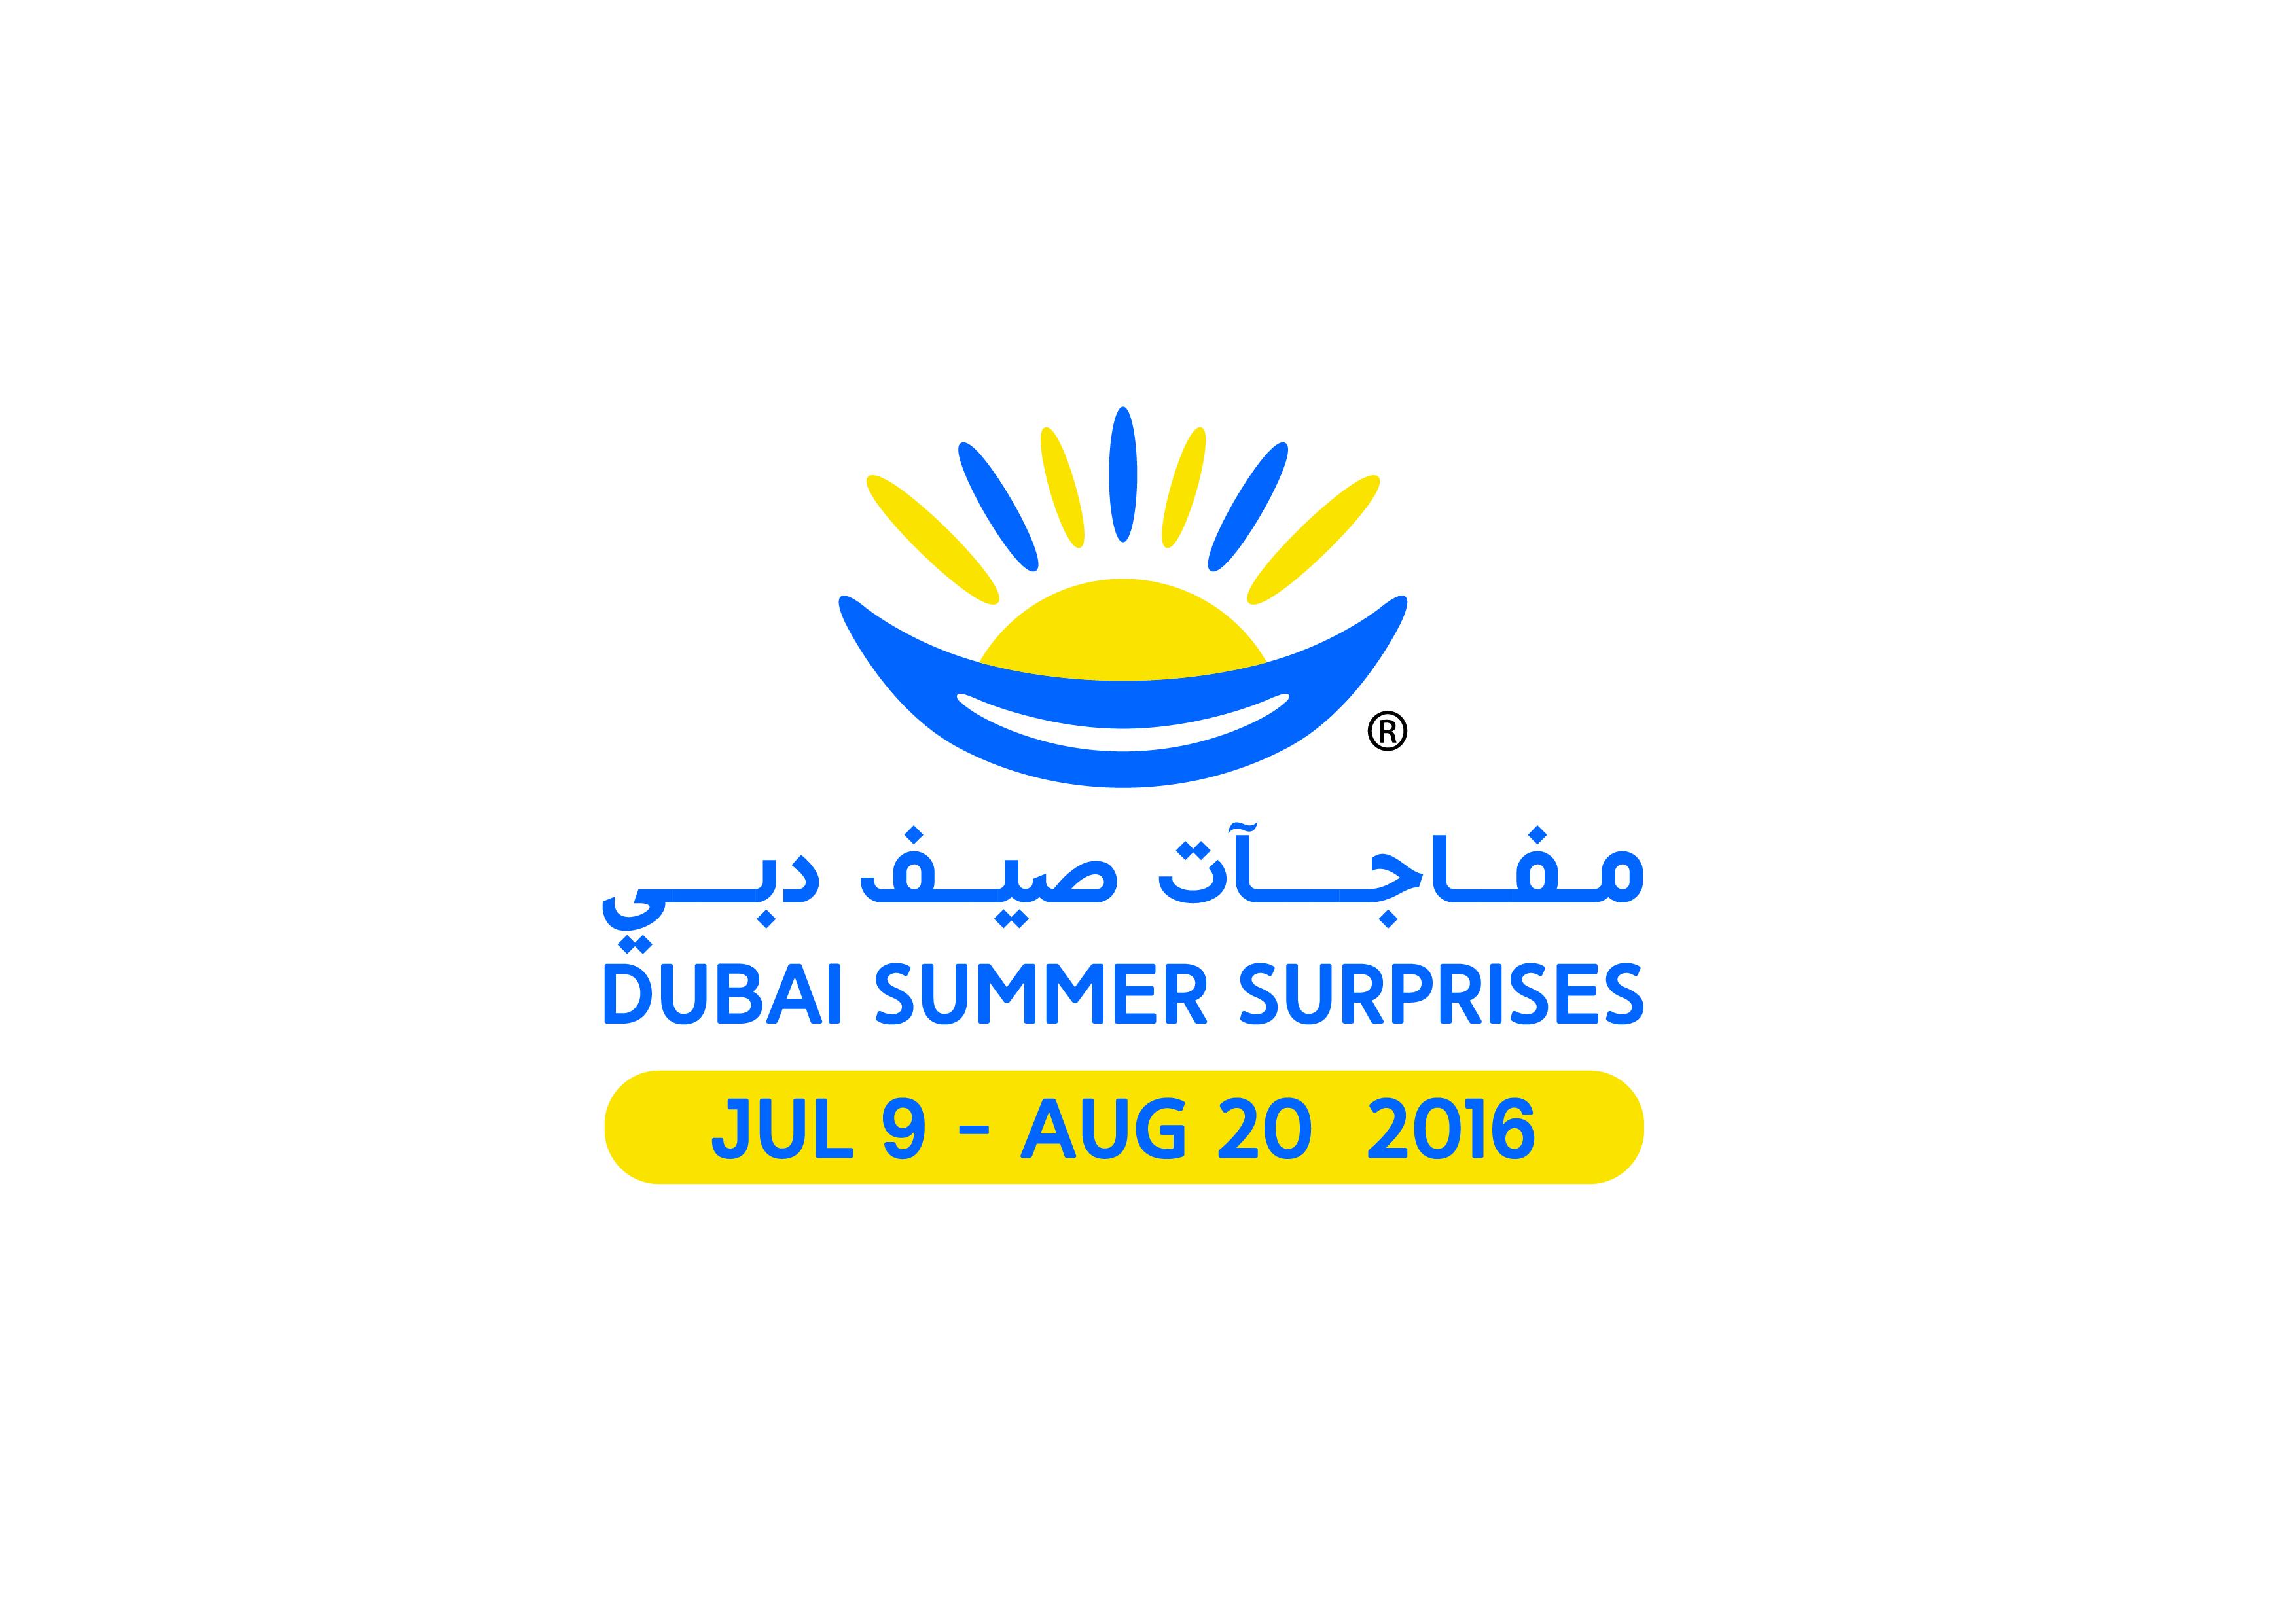 صورة خصومات فنادق جميرا خلال مفاجآت صيف دبي